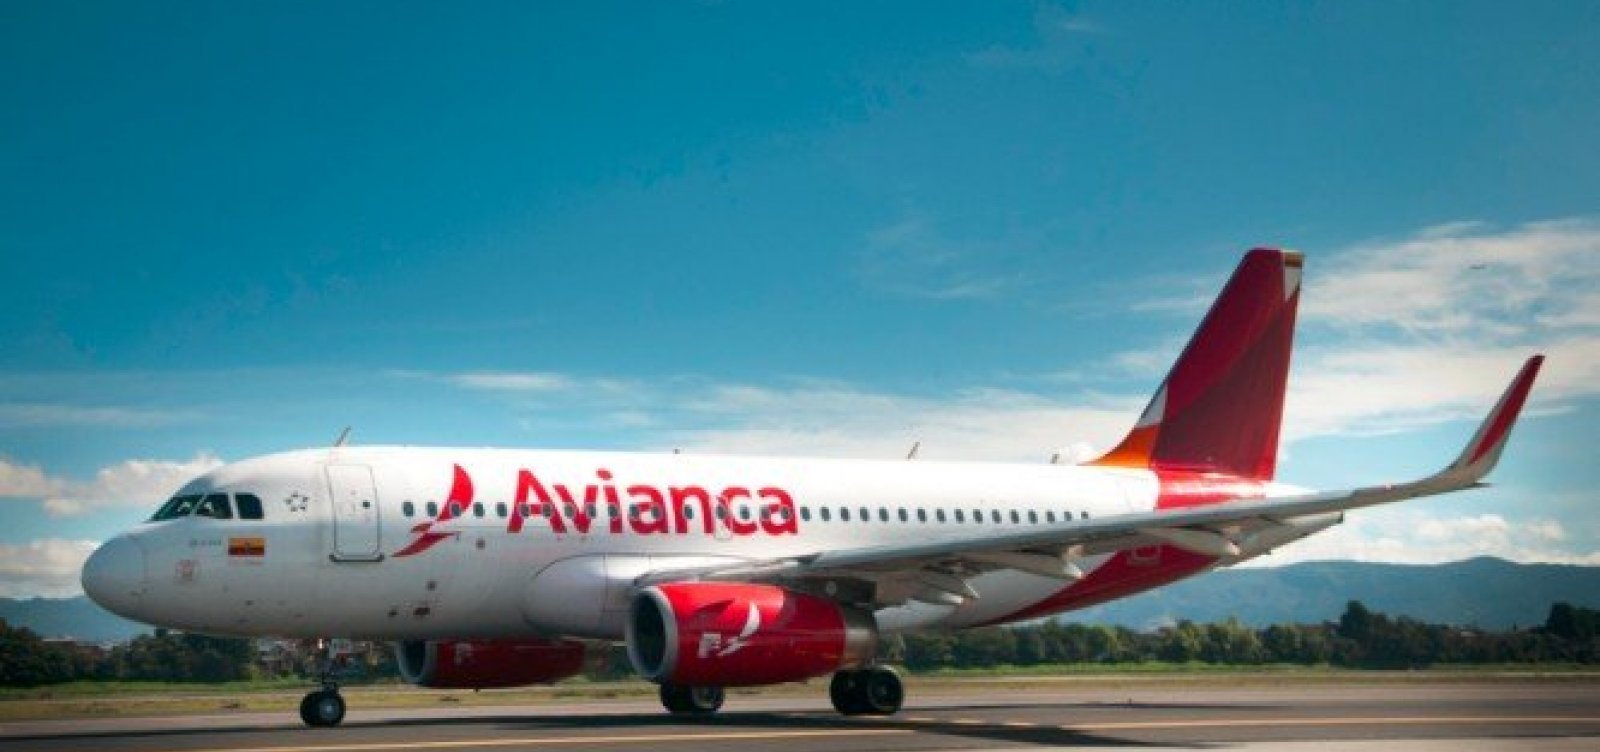 [Passageiros deixam avião após oficial de Justiça impedir voo por dívidas da Avianca]